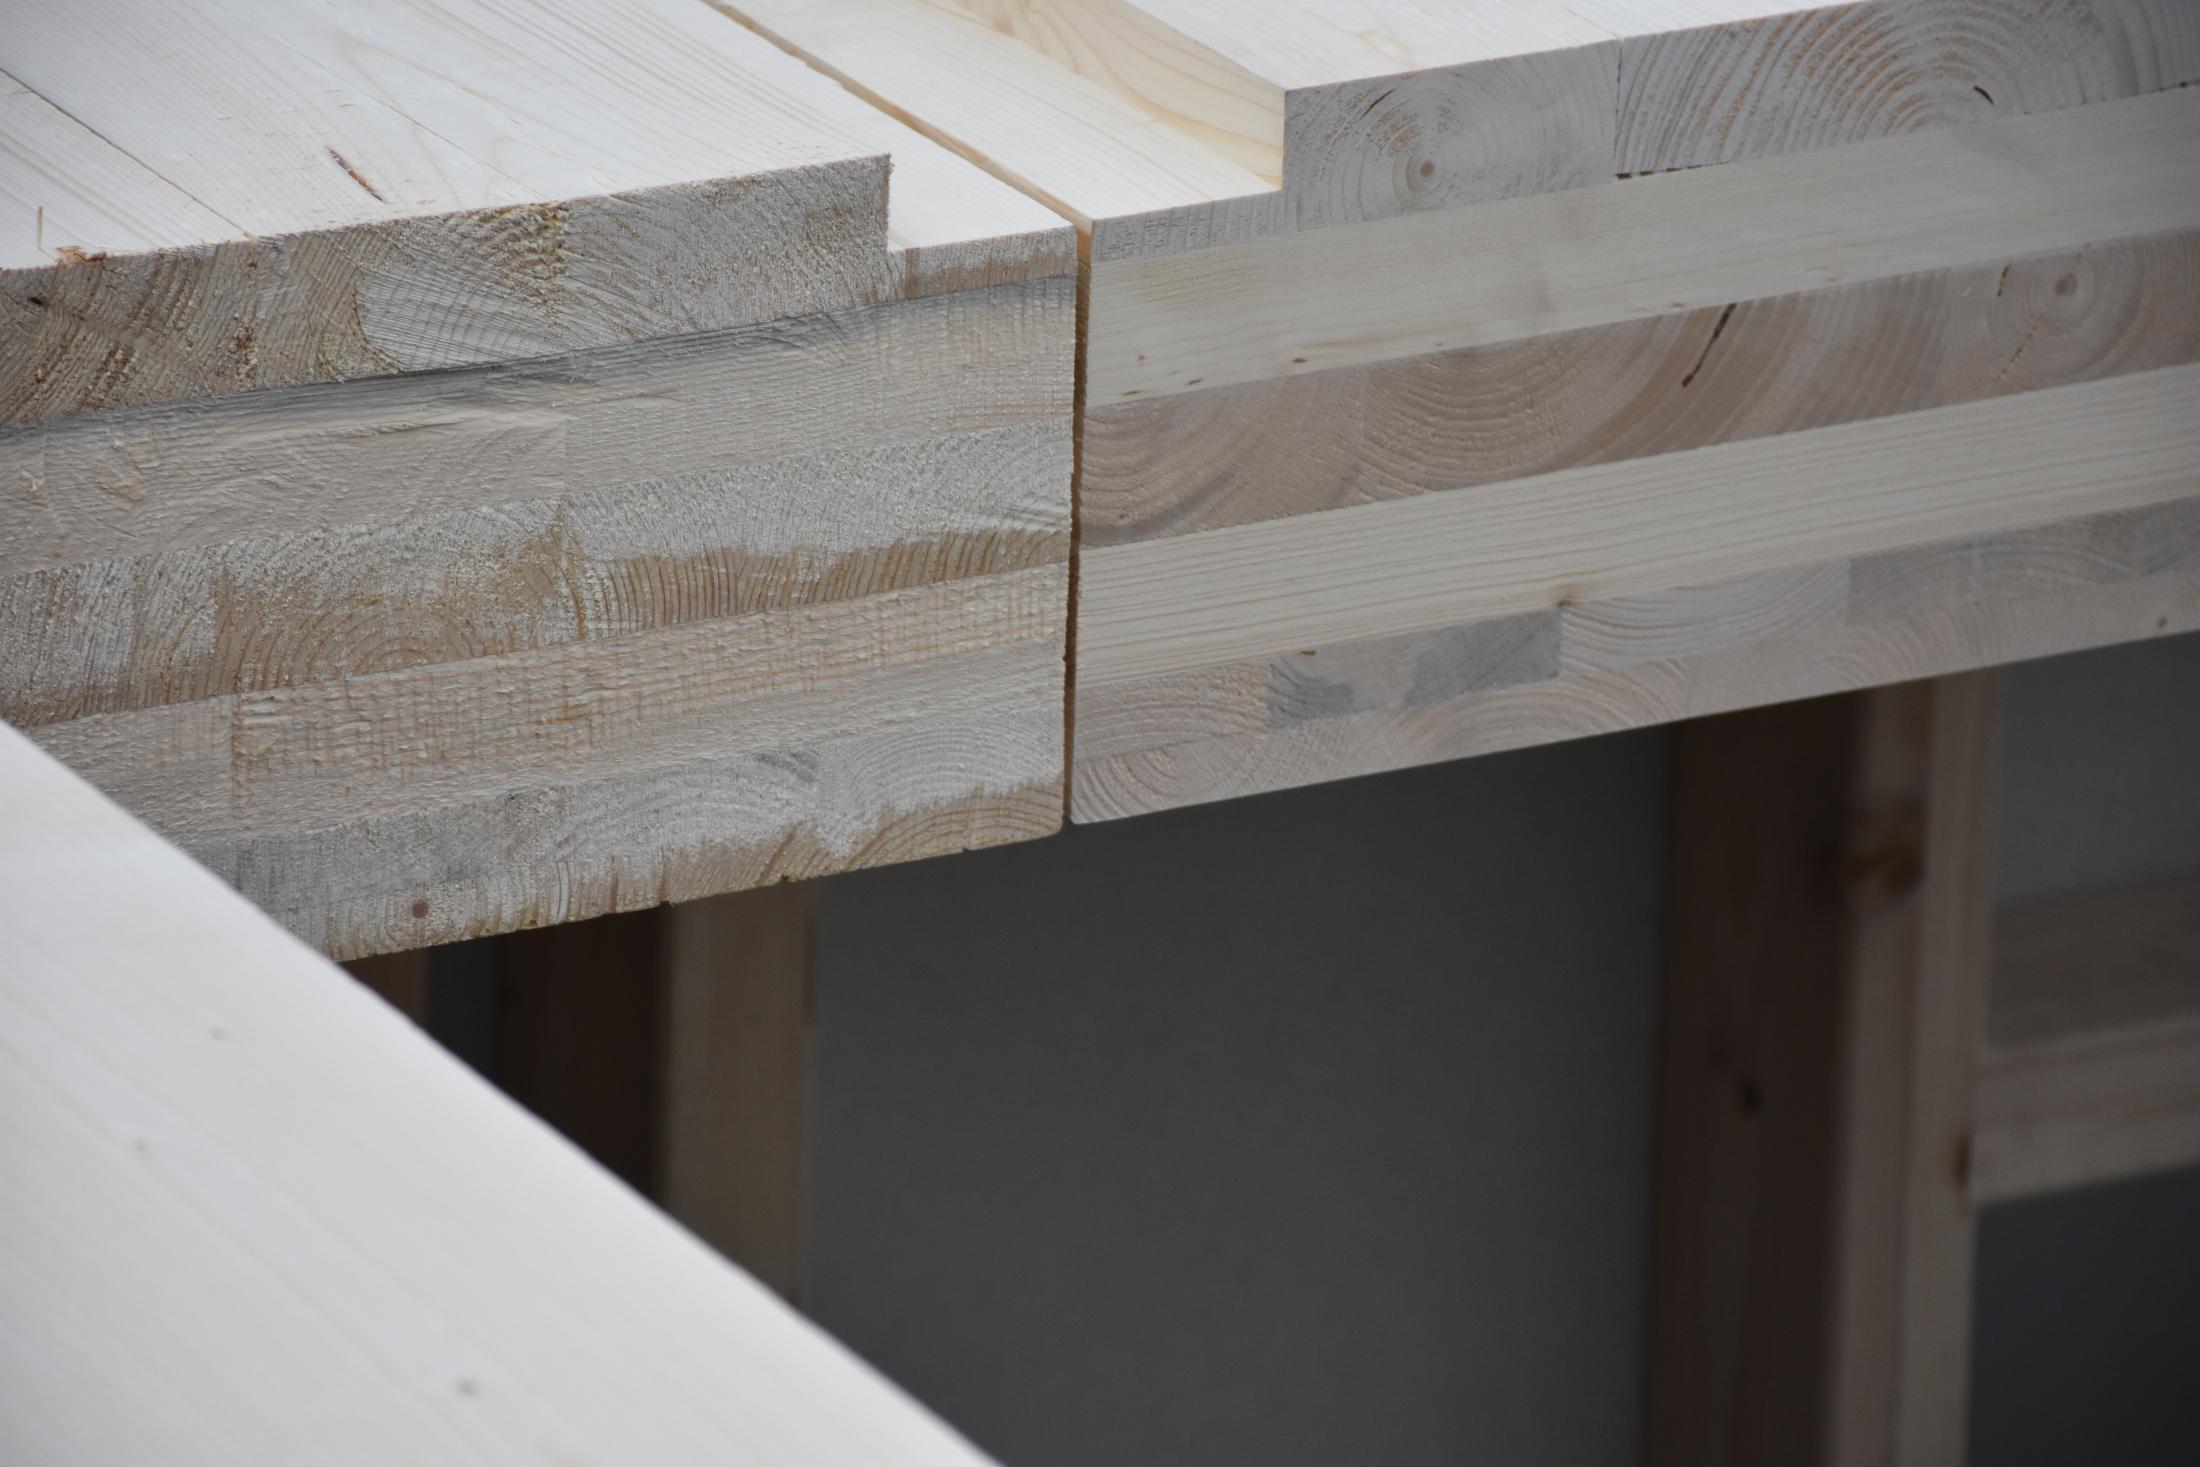 Vom Blockbau zum flächigen System: Die wichtigsten Holzbauweisen im Überblick